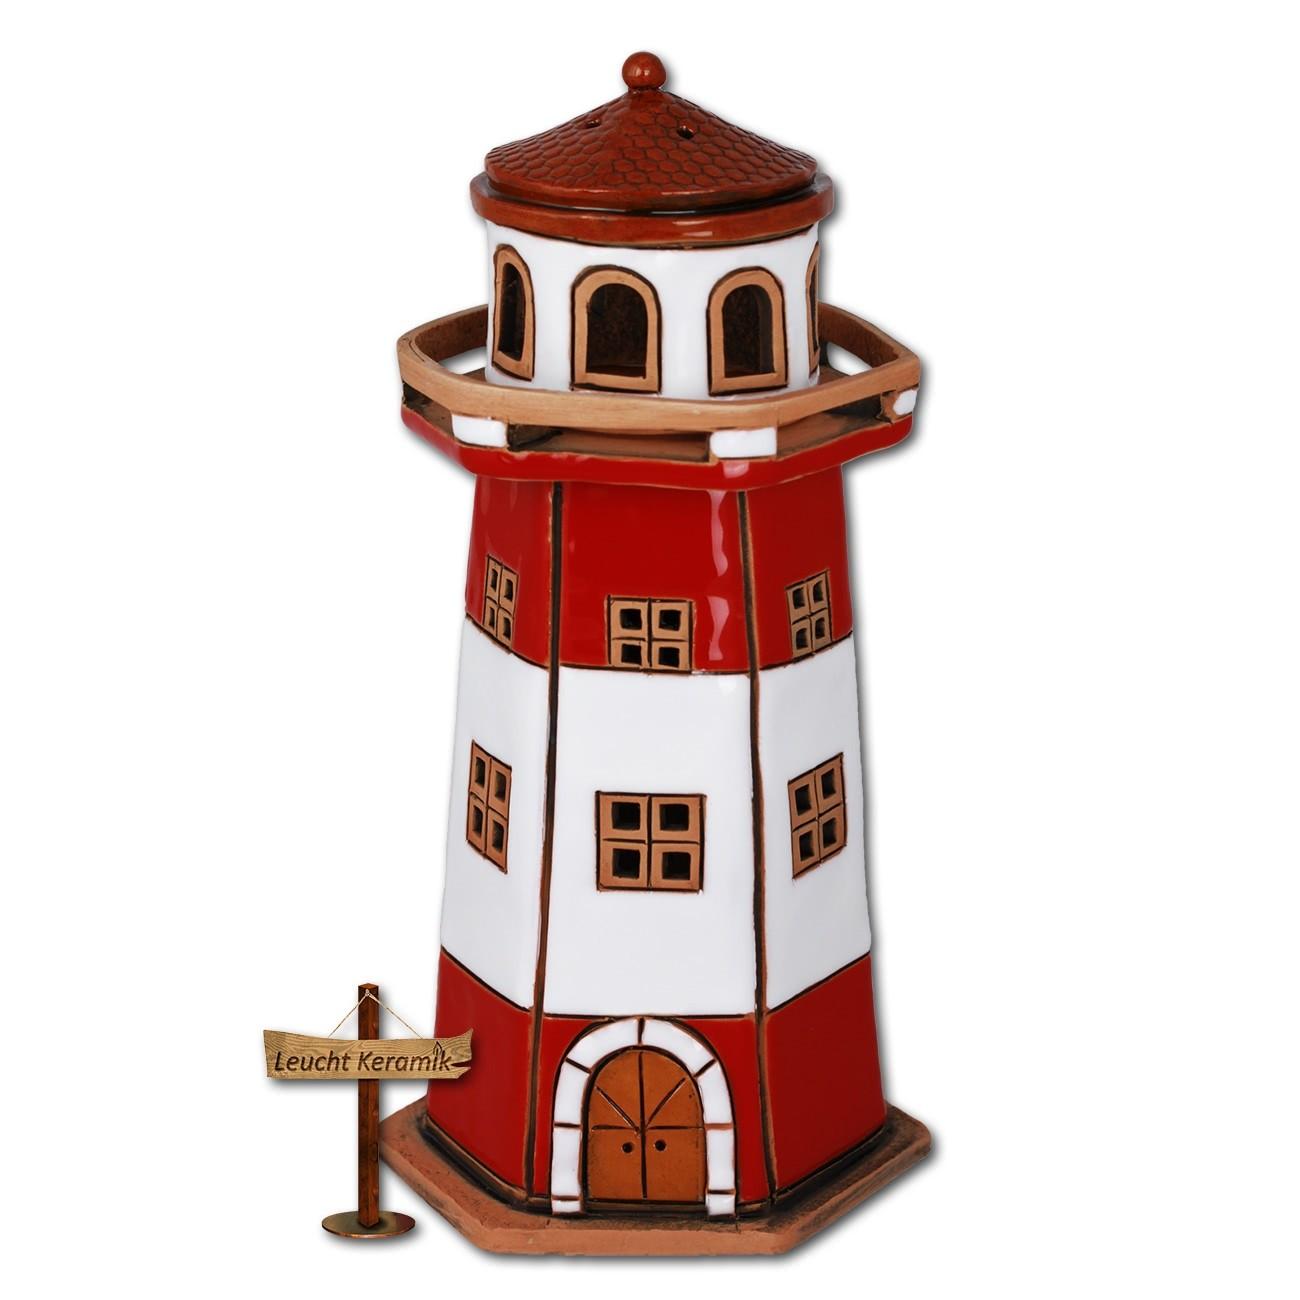 Lichthaus Leuchtturm rot-weiß original LeuchtKeramik DKH37R